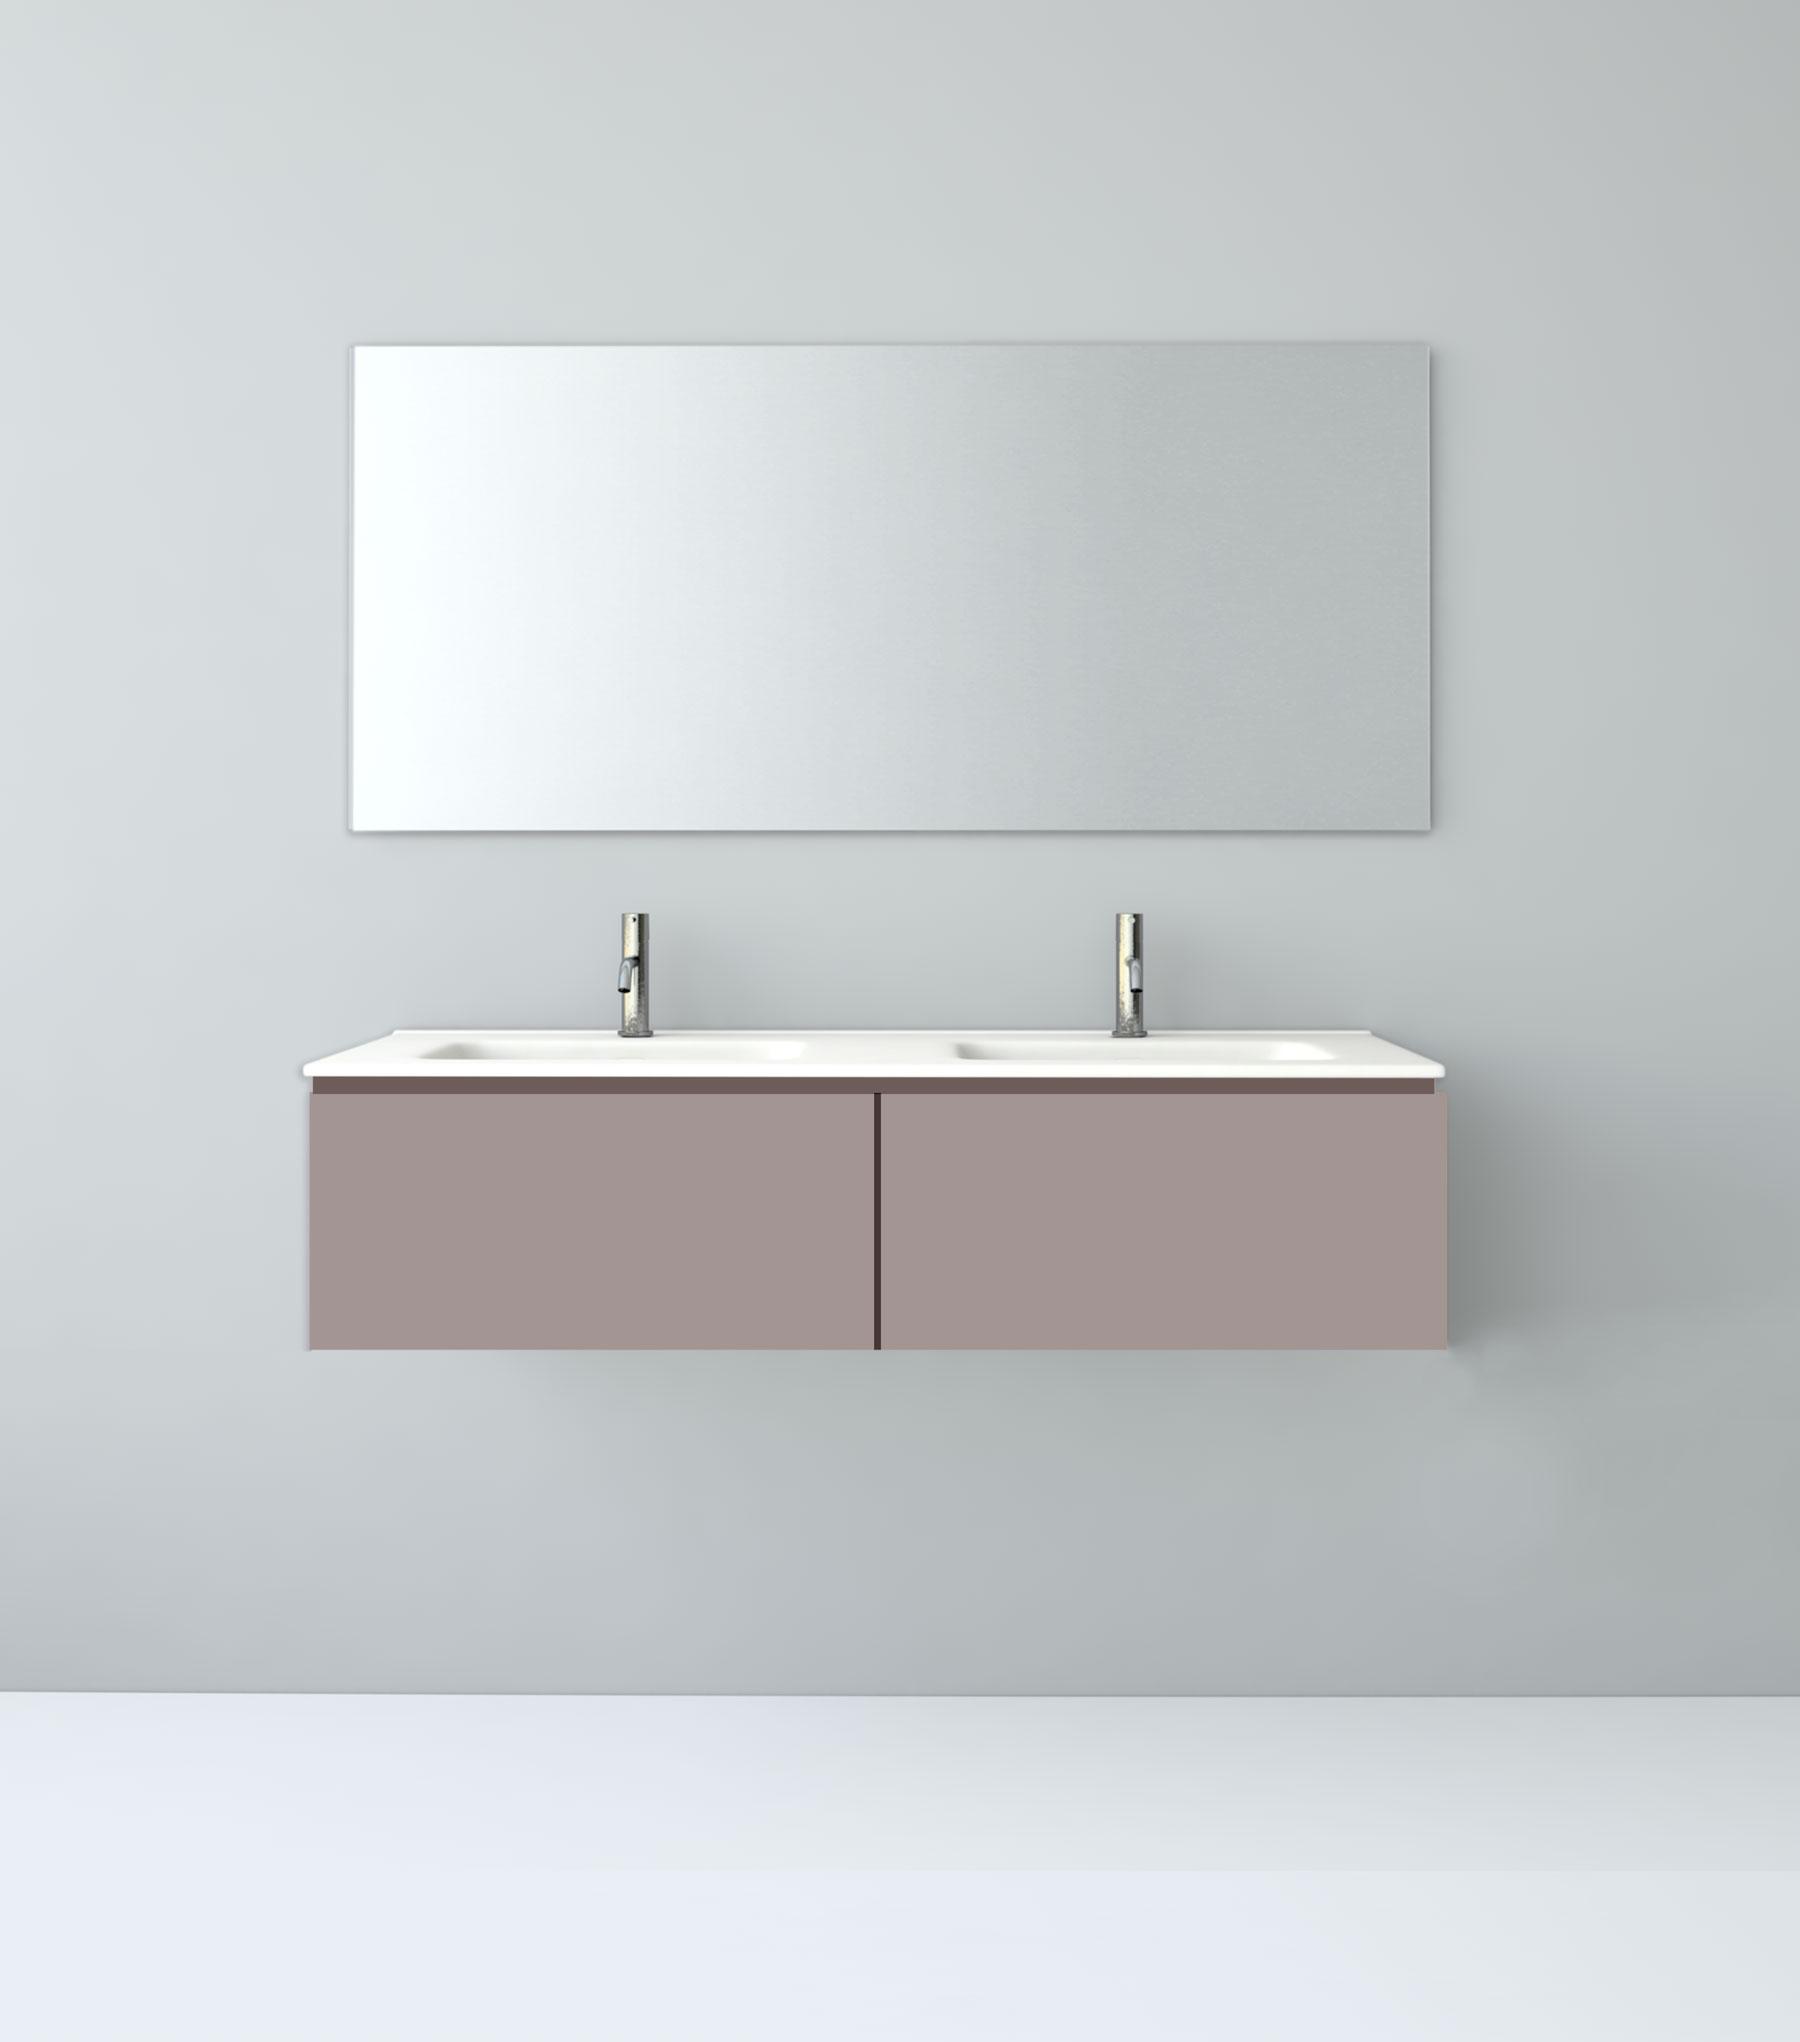 Mueble de baño modular My BASICS - Unibaño